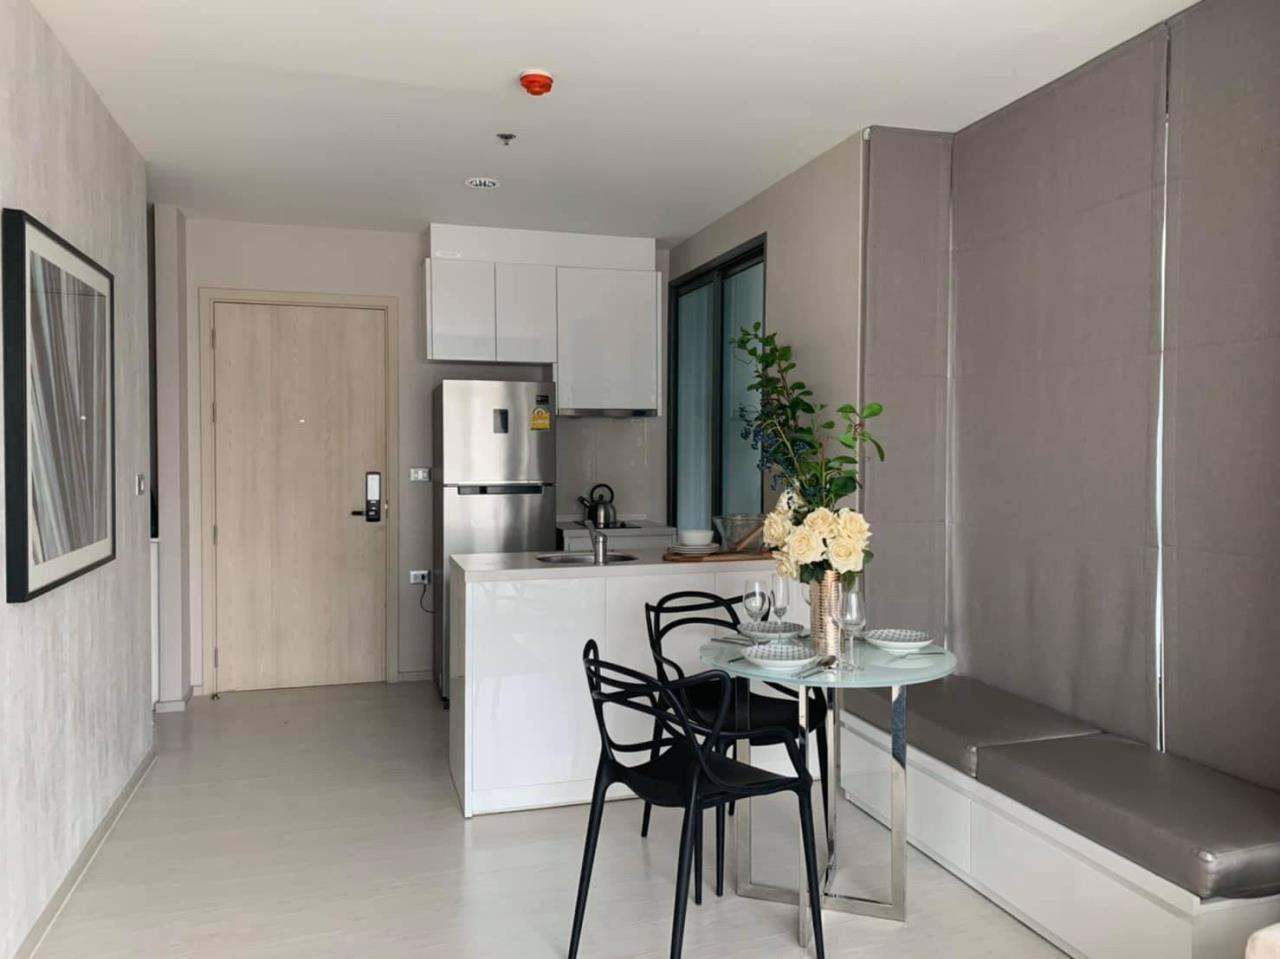 Agent - Phapayawarin Agency's For Rent***Rhythm Sukhumvit 42, 48 sq.m,1 bedroom 1 bathroom, BTS Ekamai 3